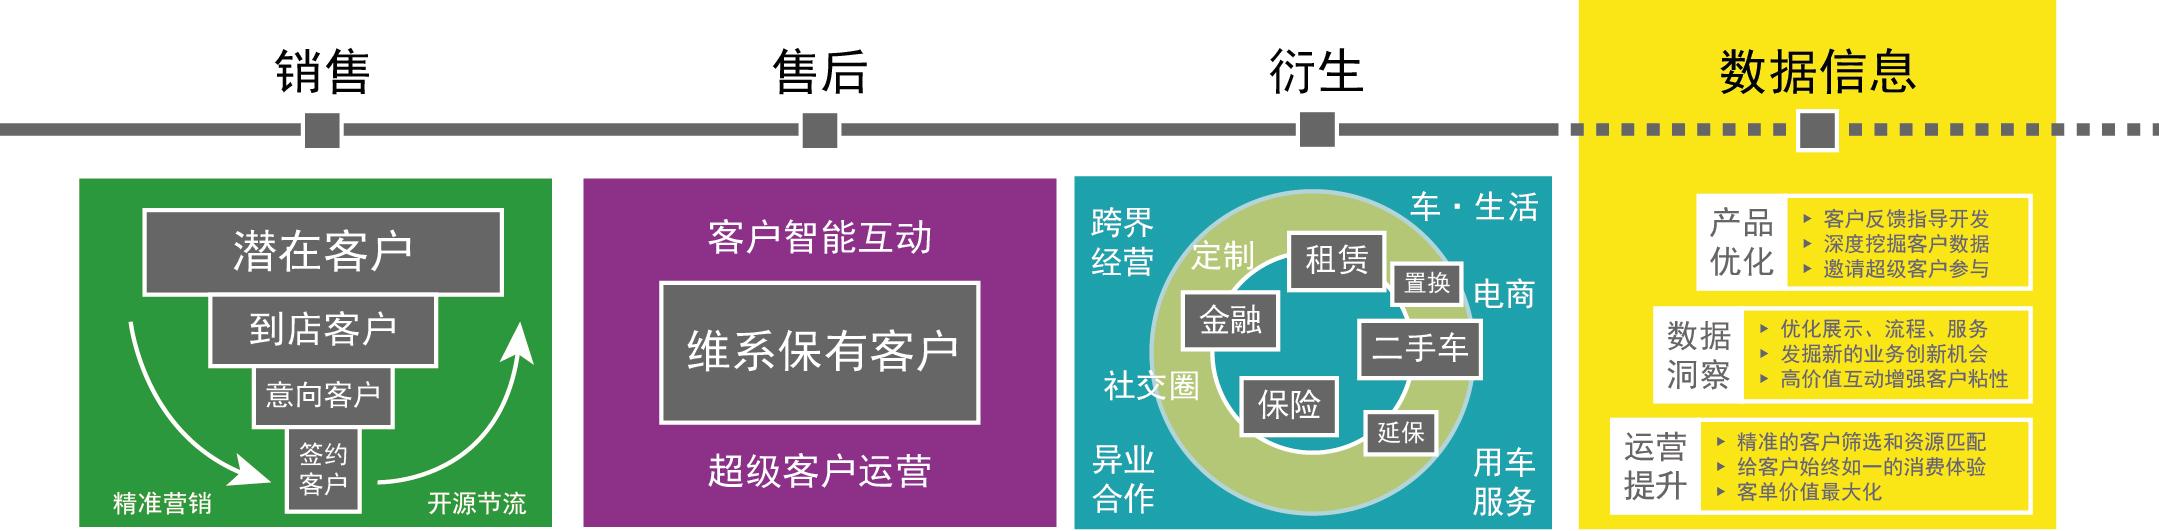 安永 – 《绩效》:2018年第六期